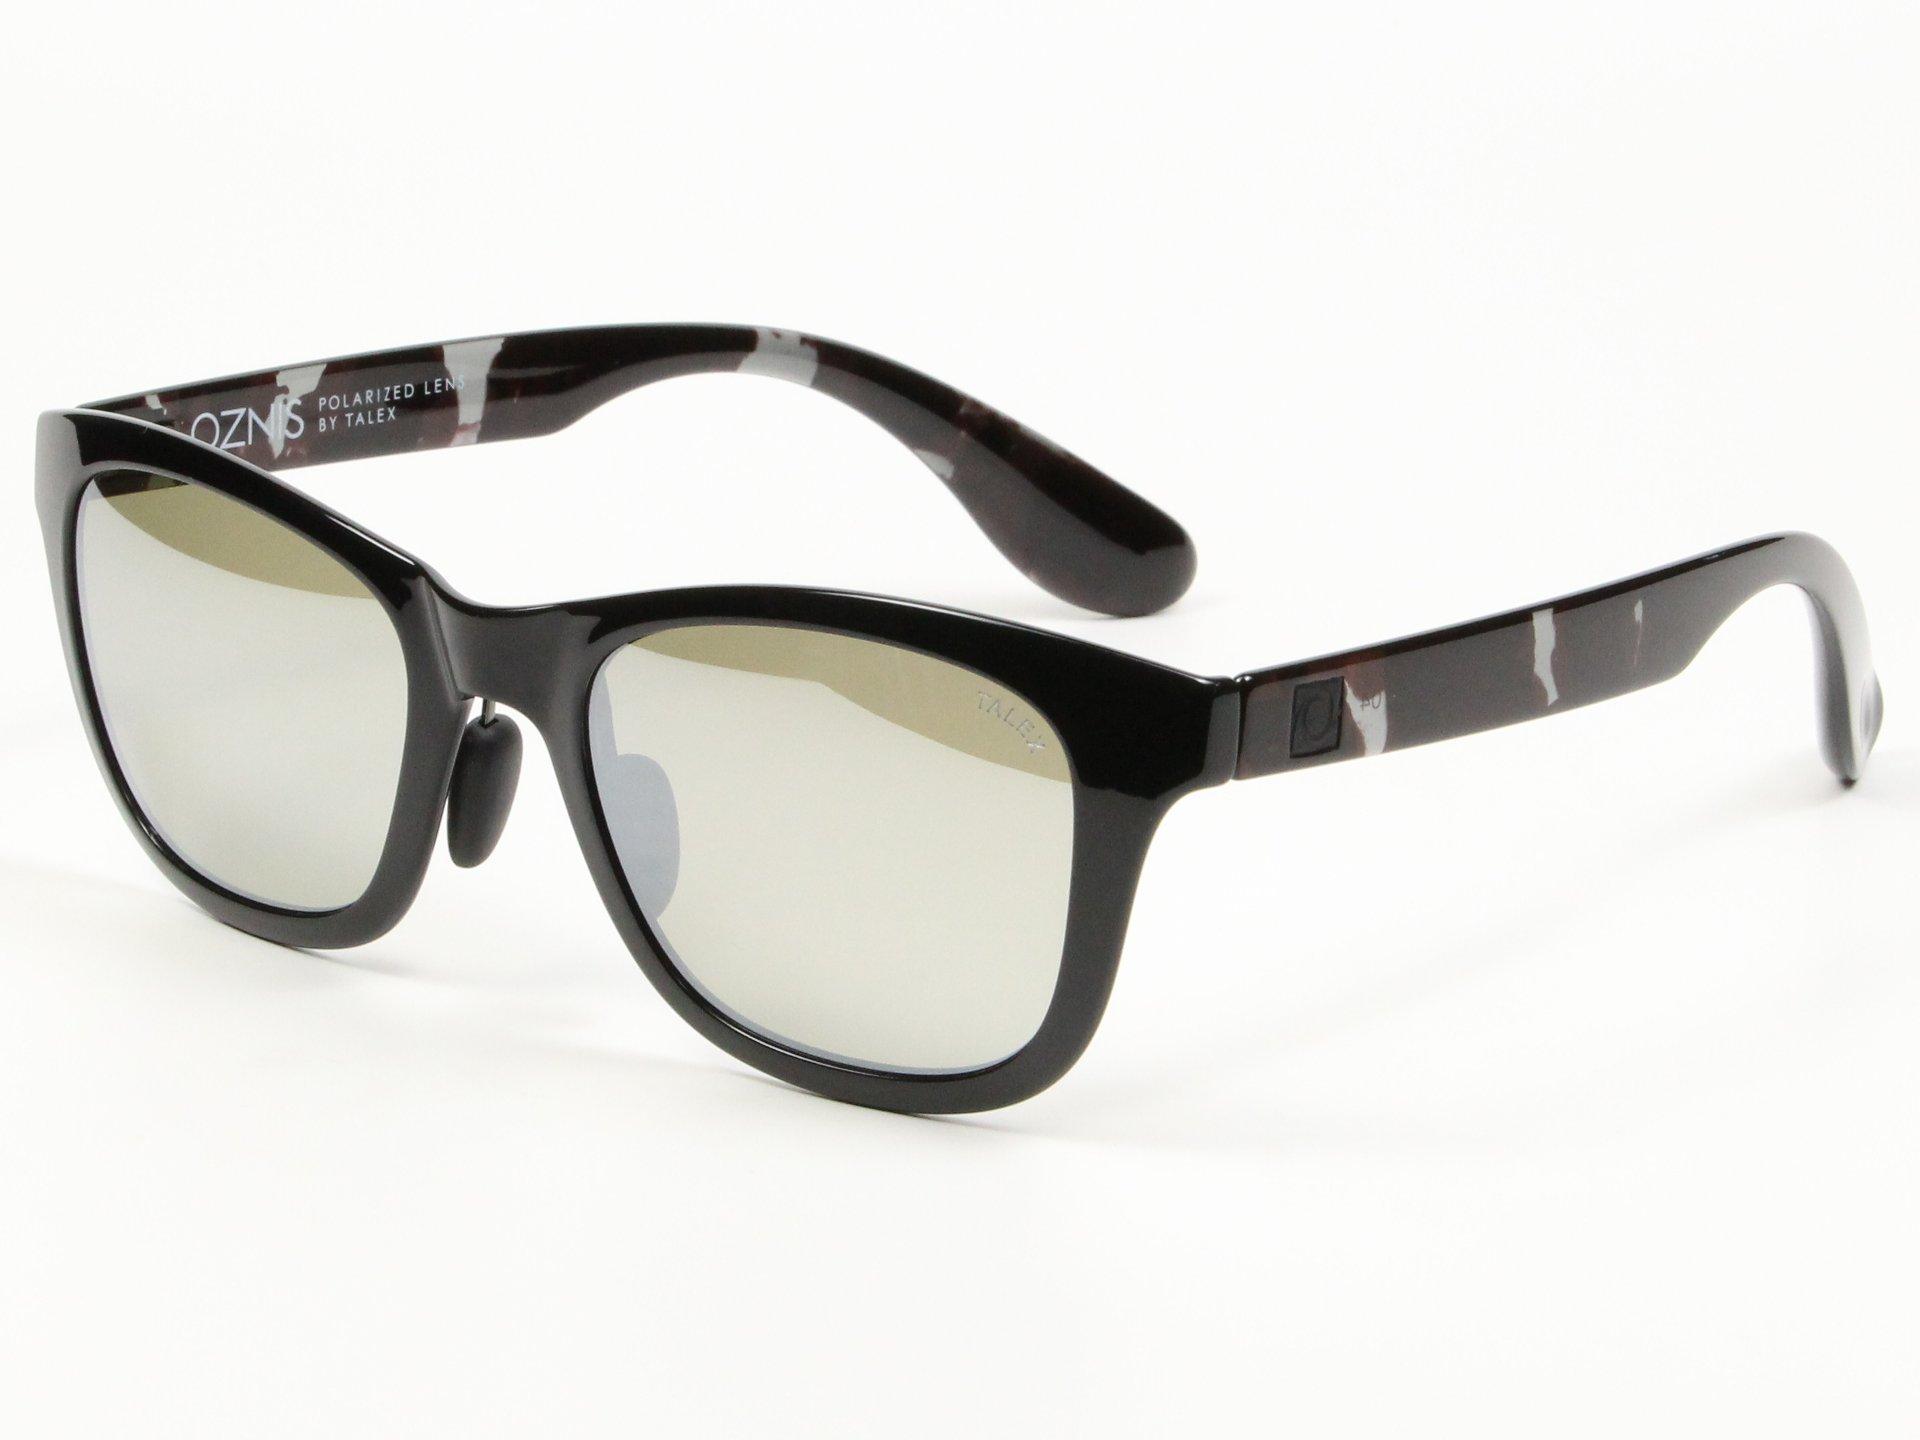 TALEX(タレックス)度なしサングラス製作例 OZNIS FLAT04(オズニス・フラット04)